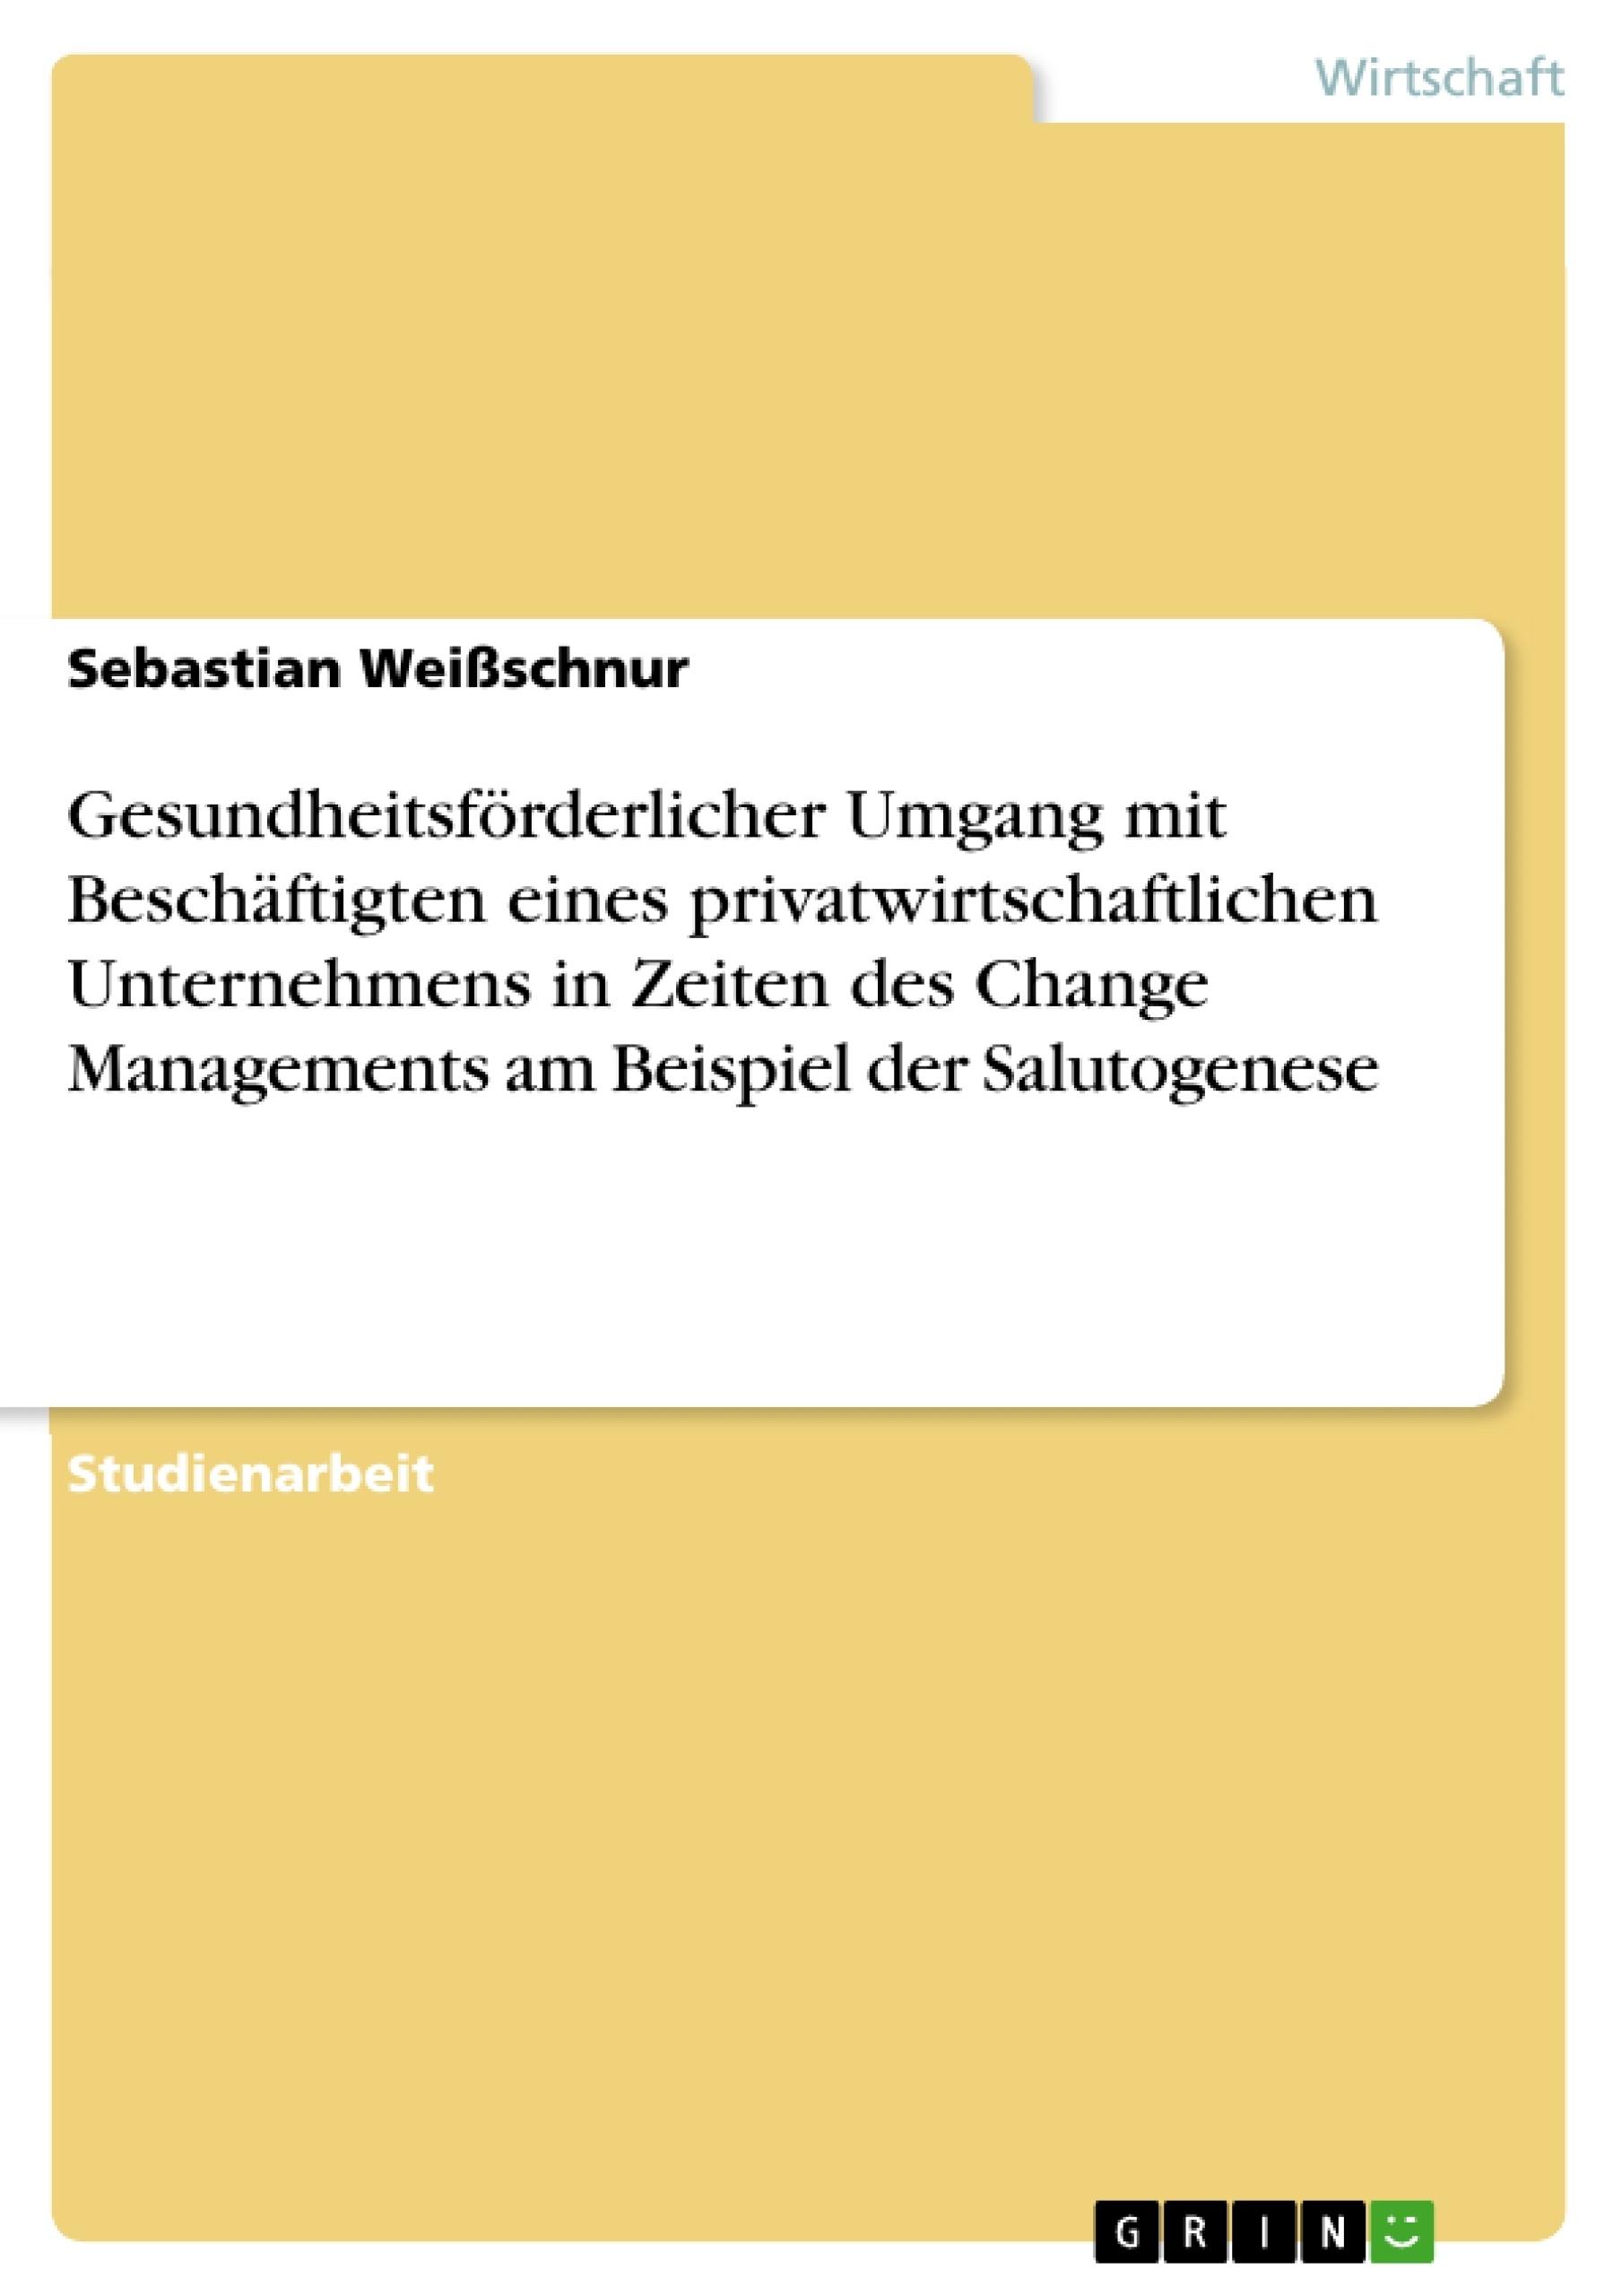 Titel: Gesundheitsförderlicher Umgang mit Beschäftigten eines privatwirtschaftlichen Unternehmens in Zeiten des Change Managements am Beispiel der Salutogenese